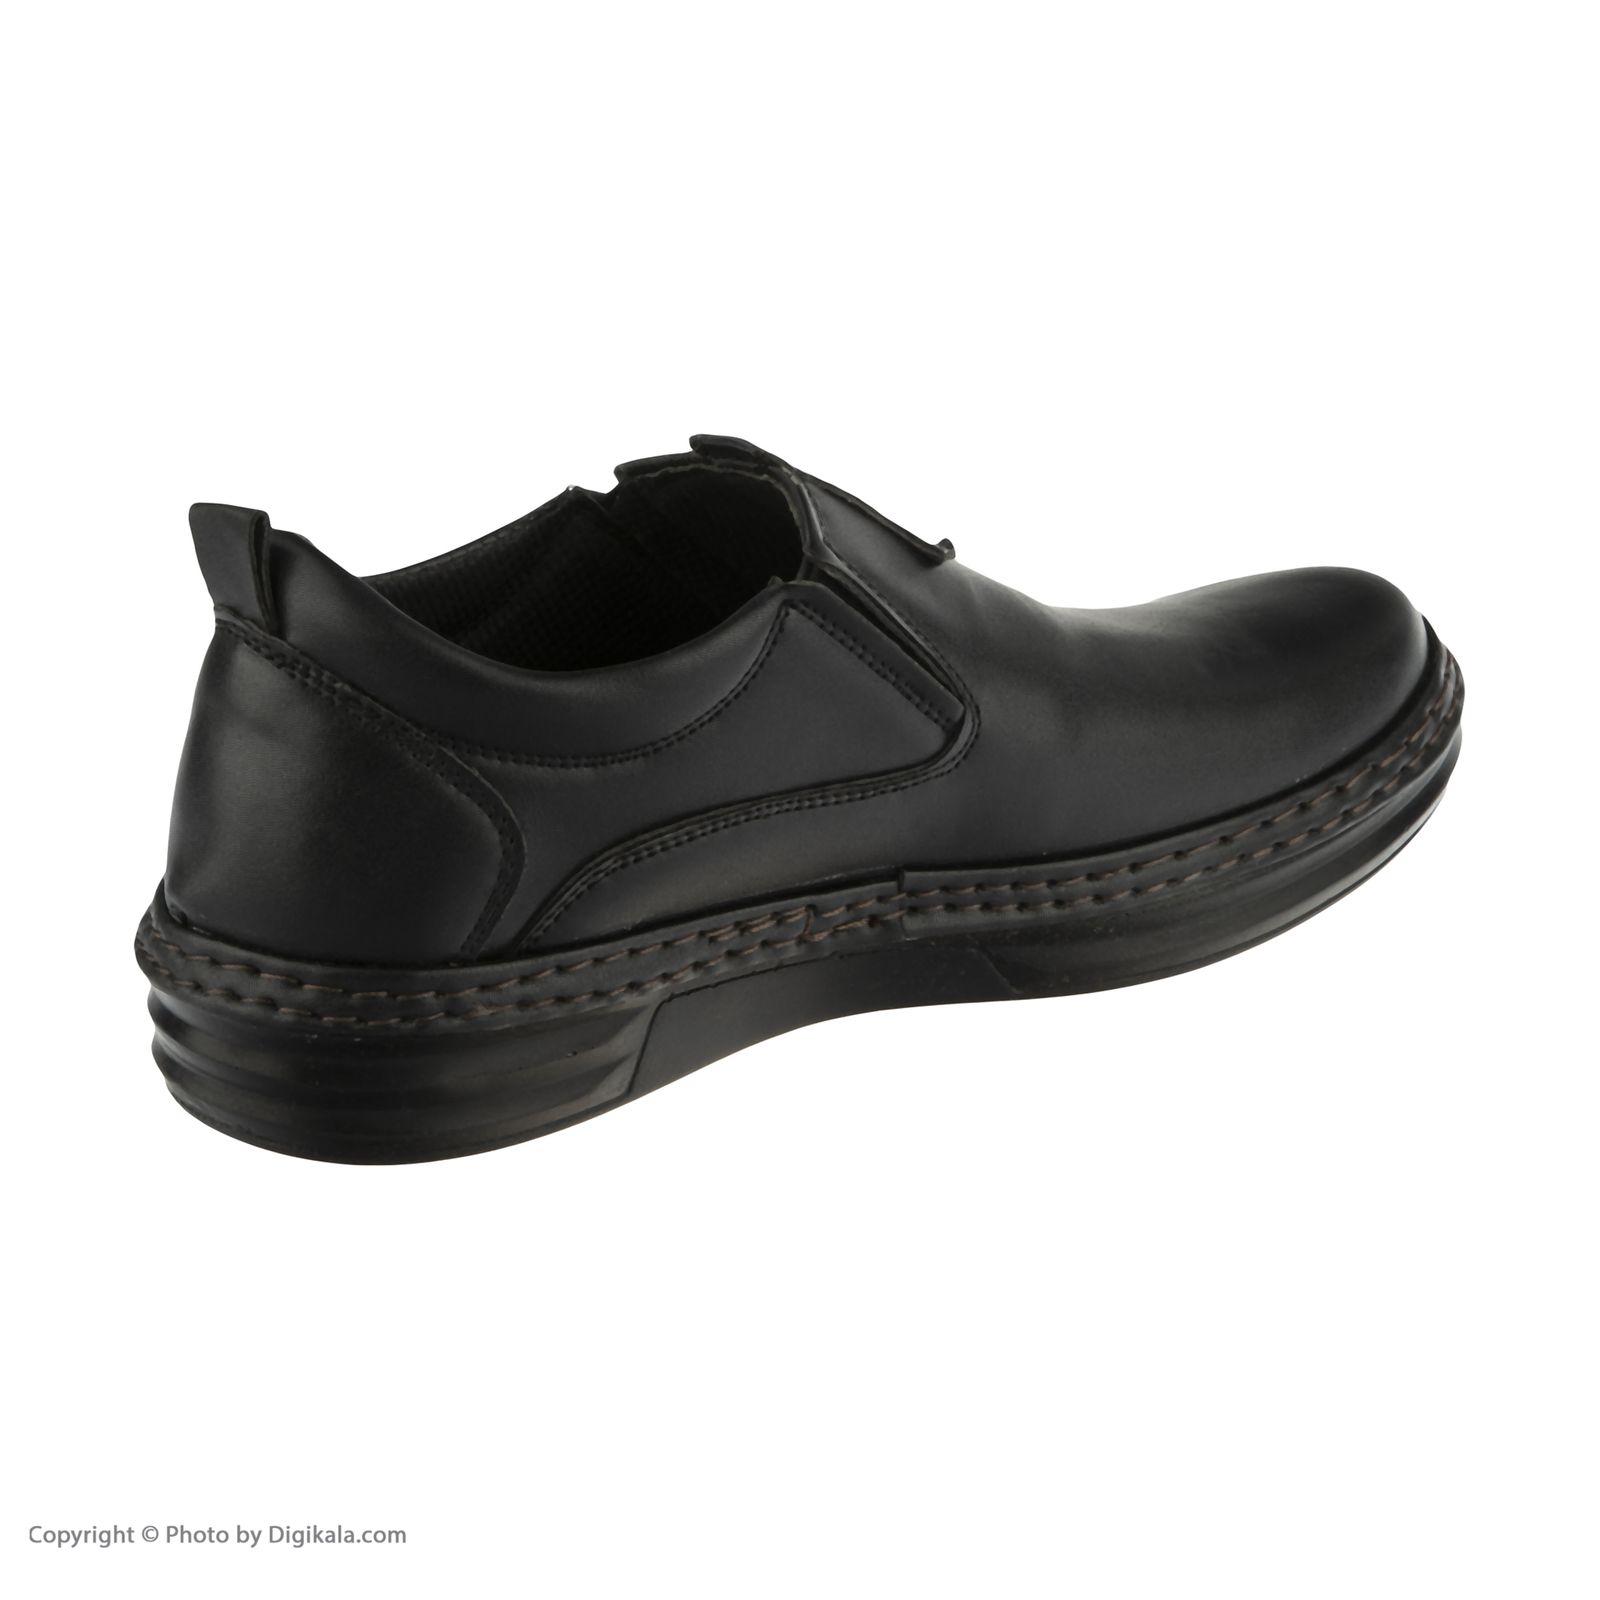 کفش روزمره مردانه اسپرت من مدل 40024-1-13  -  - 9